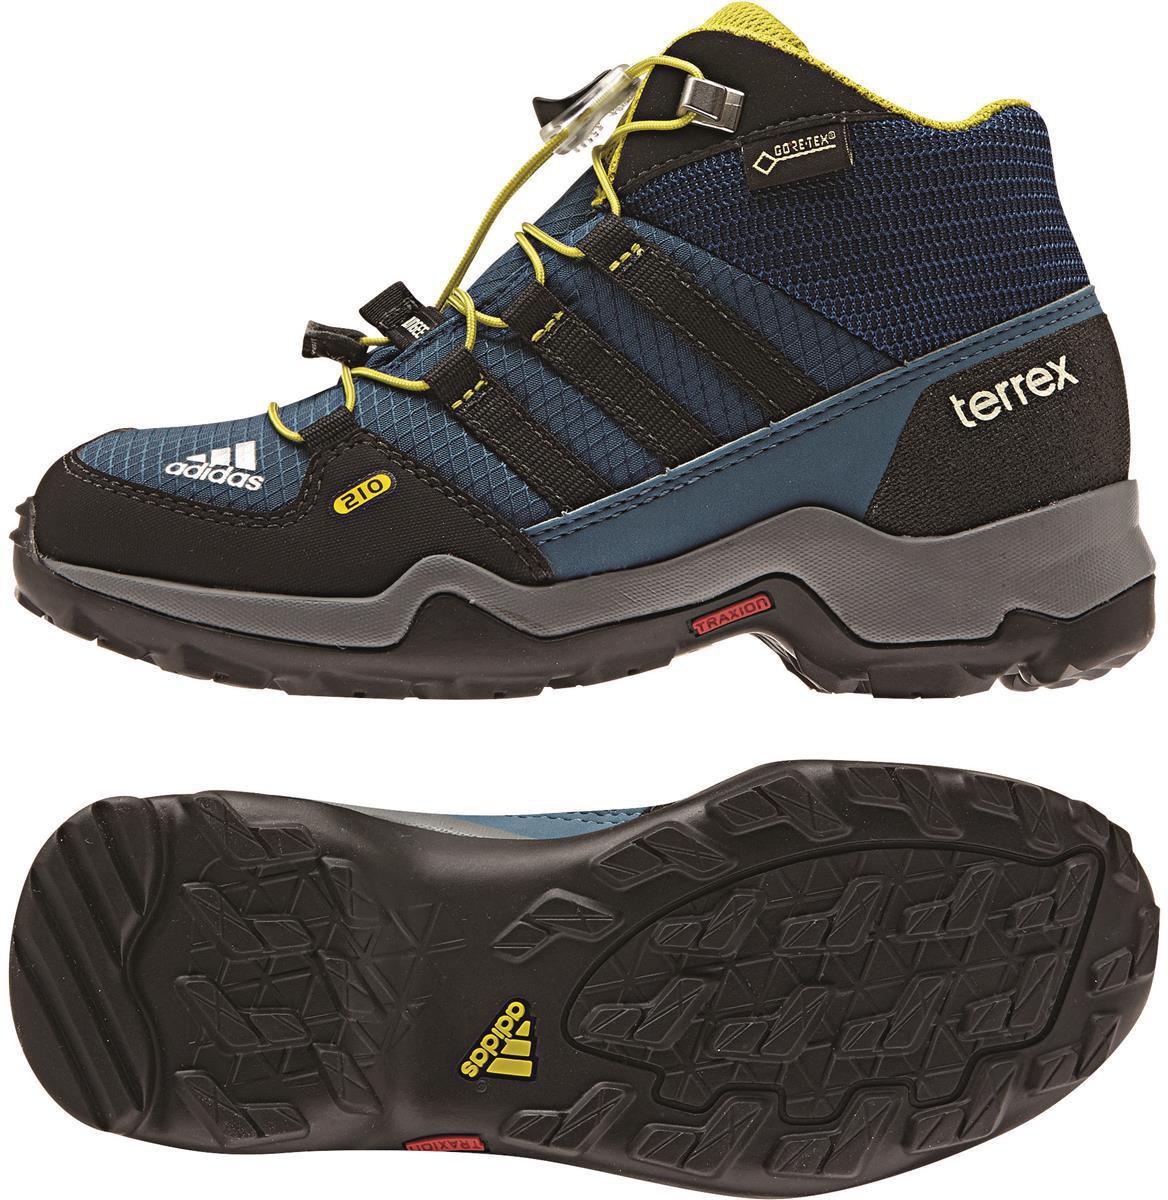 hot sale online 1cdda 44762 Adidas Terrex Mid GTX K günstig online bei PREIS.DE bestellen✓